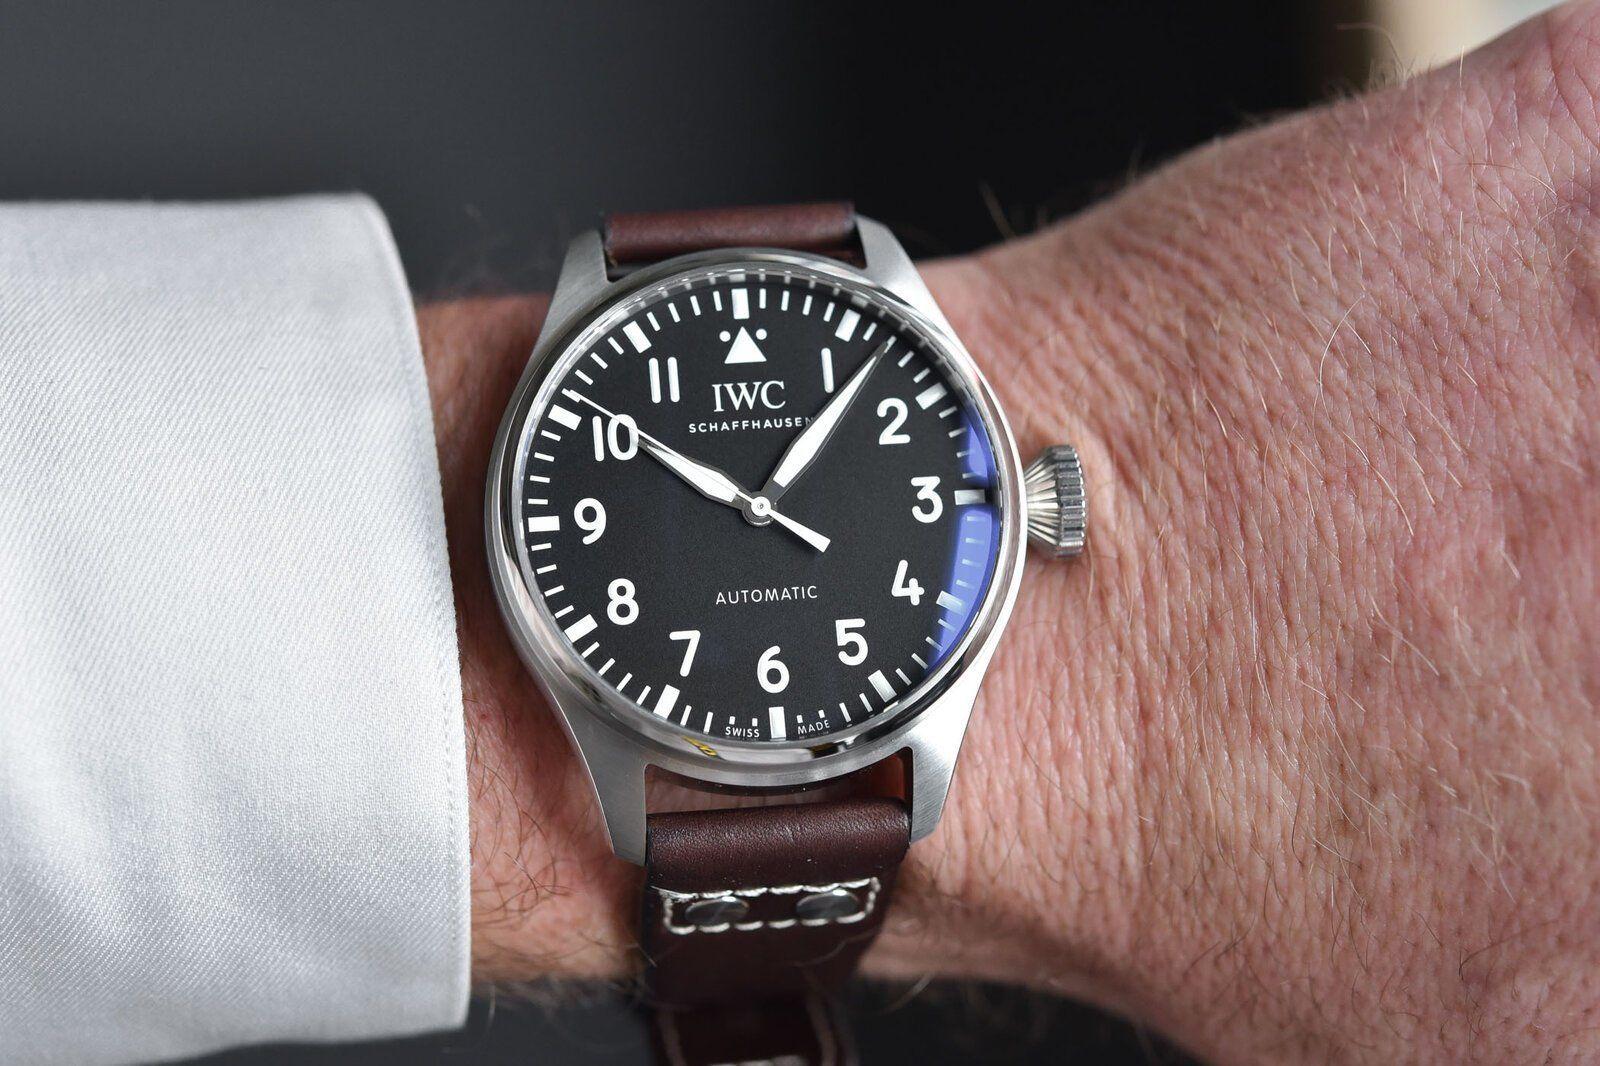 2021-IWC-Big-Pilots-Watch-43-review-20.jpg